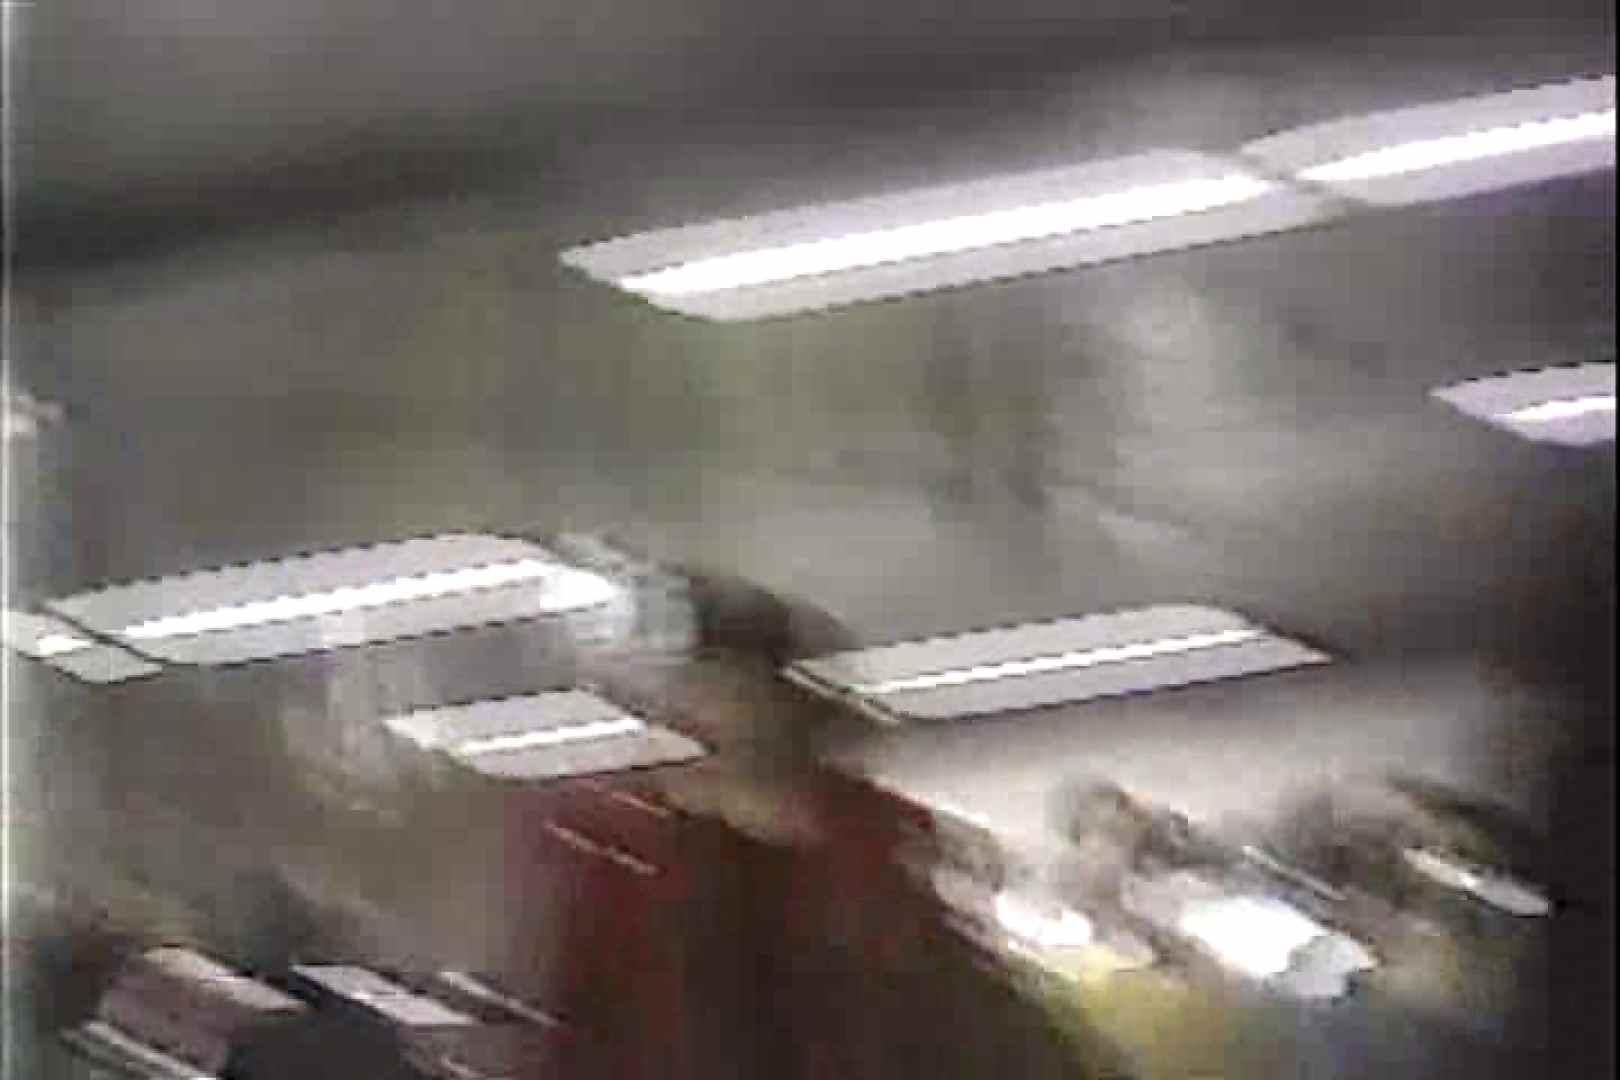 「ちくりん」さんのオリジナル未編集パンチラVol.4_02 チラ   パンチラハメ撮り  28pic 6